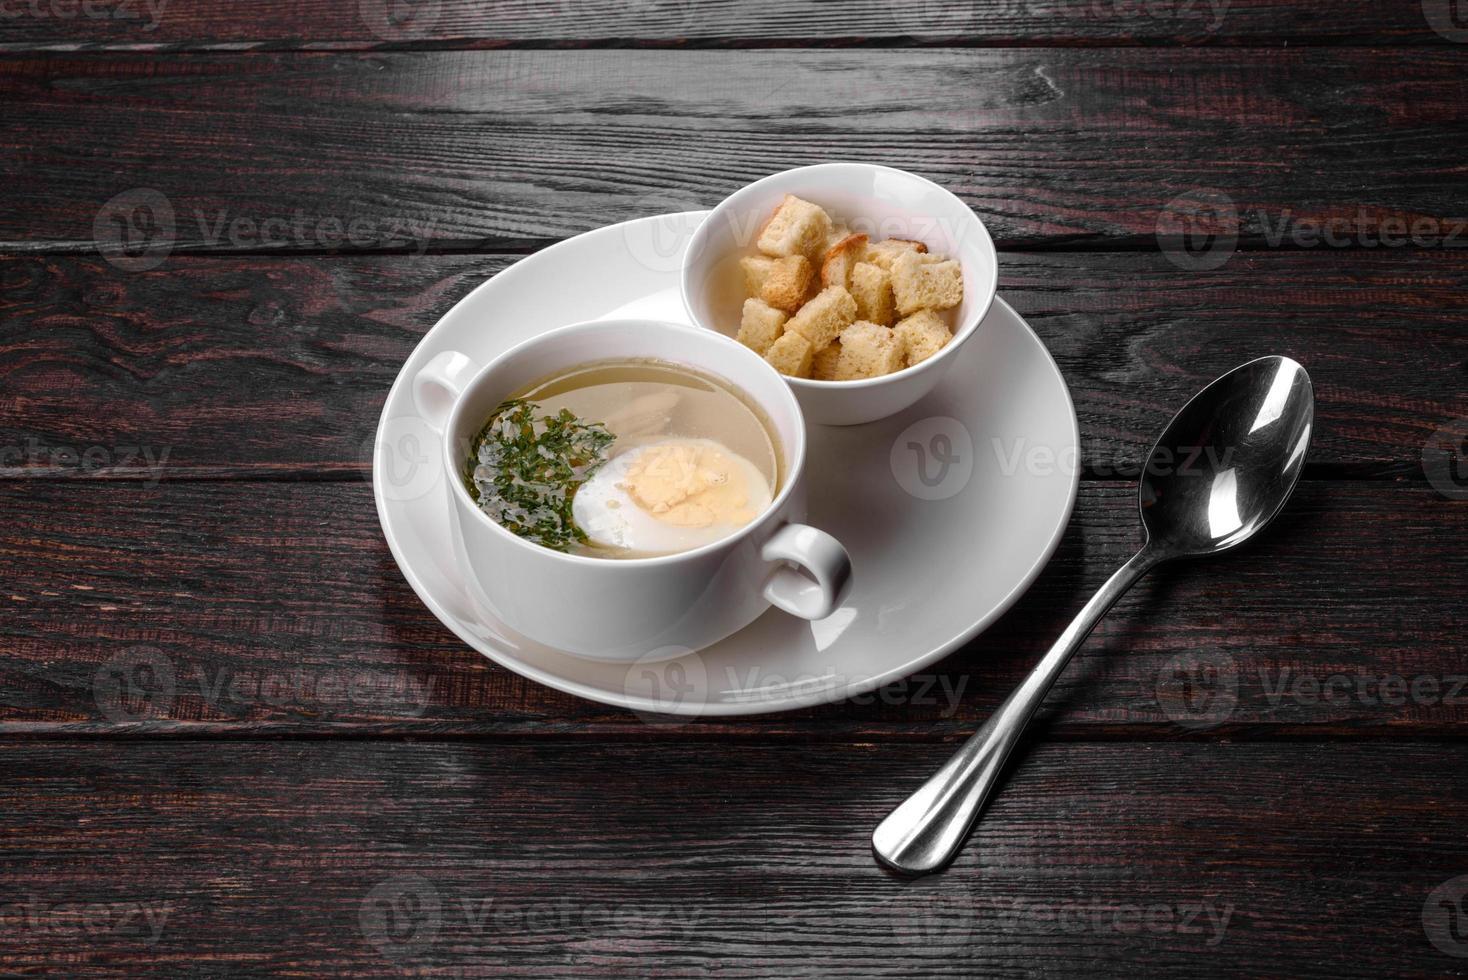 asiatisk nudelsoppa, ramen med kyckling, grönsaker och ägg i vit skål foto